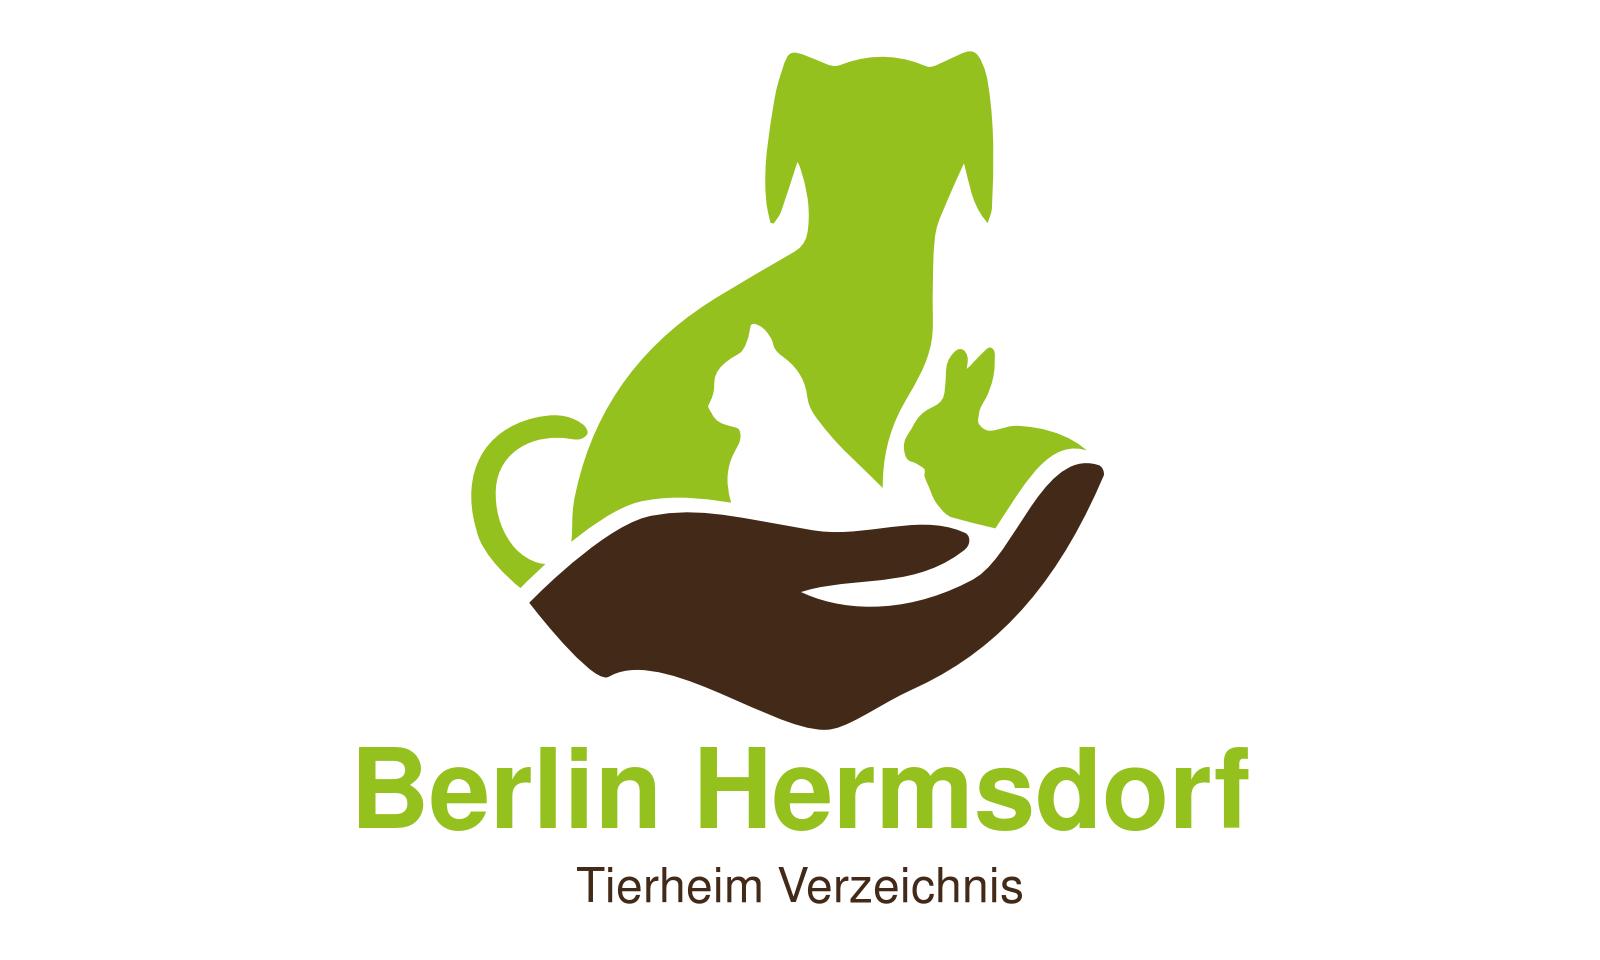 Tierheim Berlin Hermsdorf